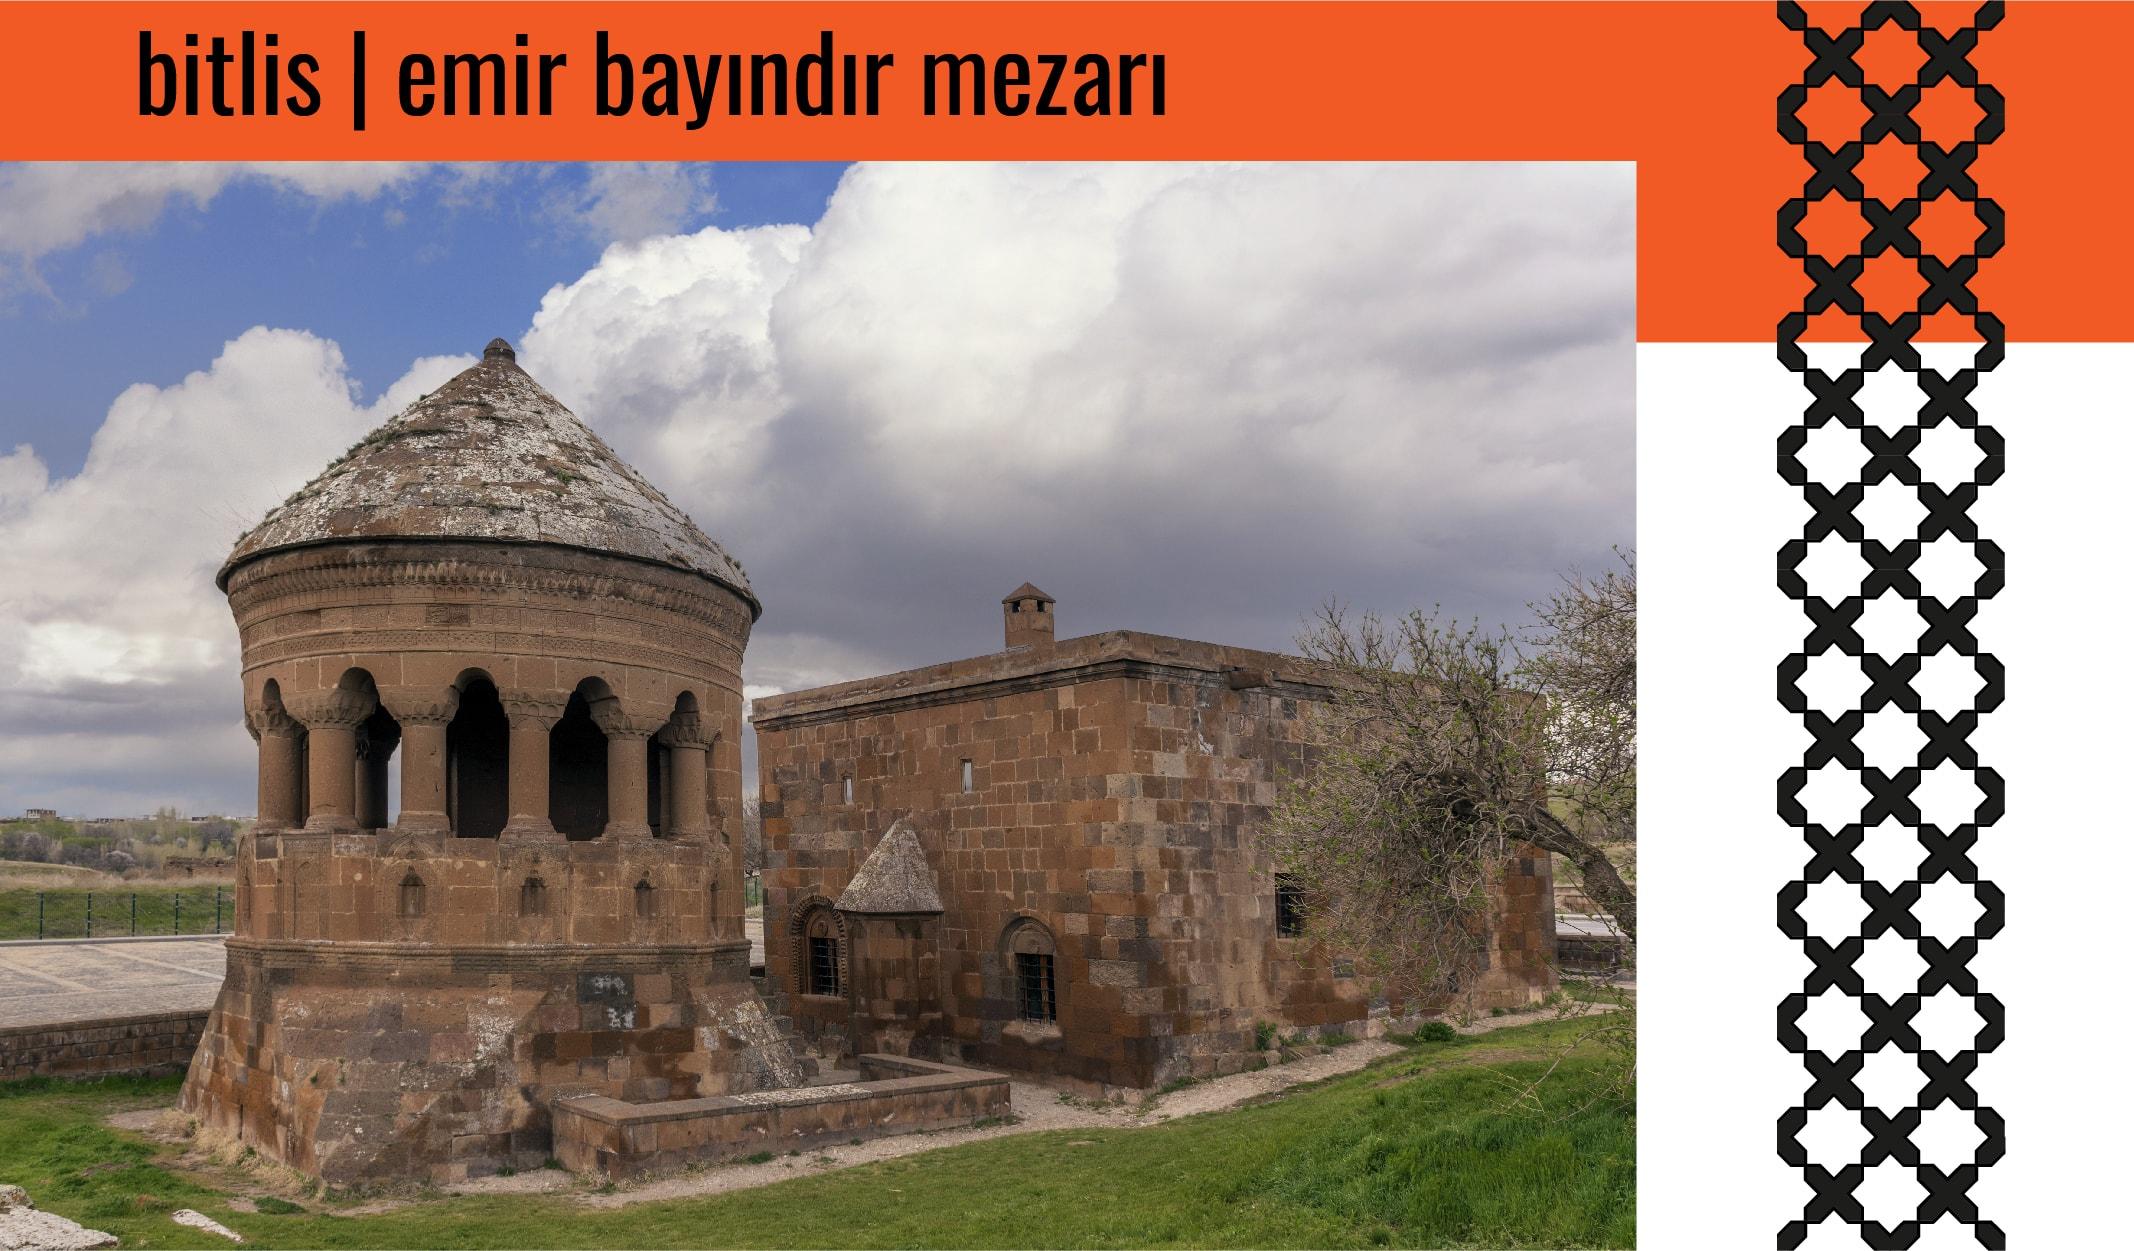 bitlis emir bayındır mezarı